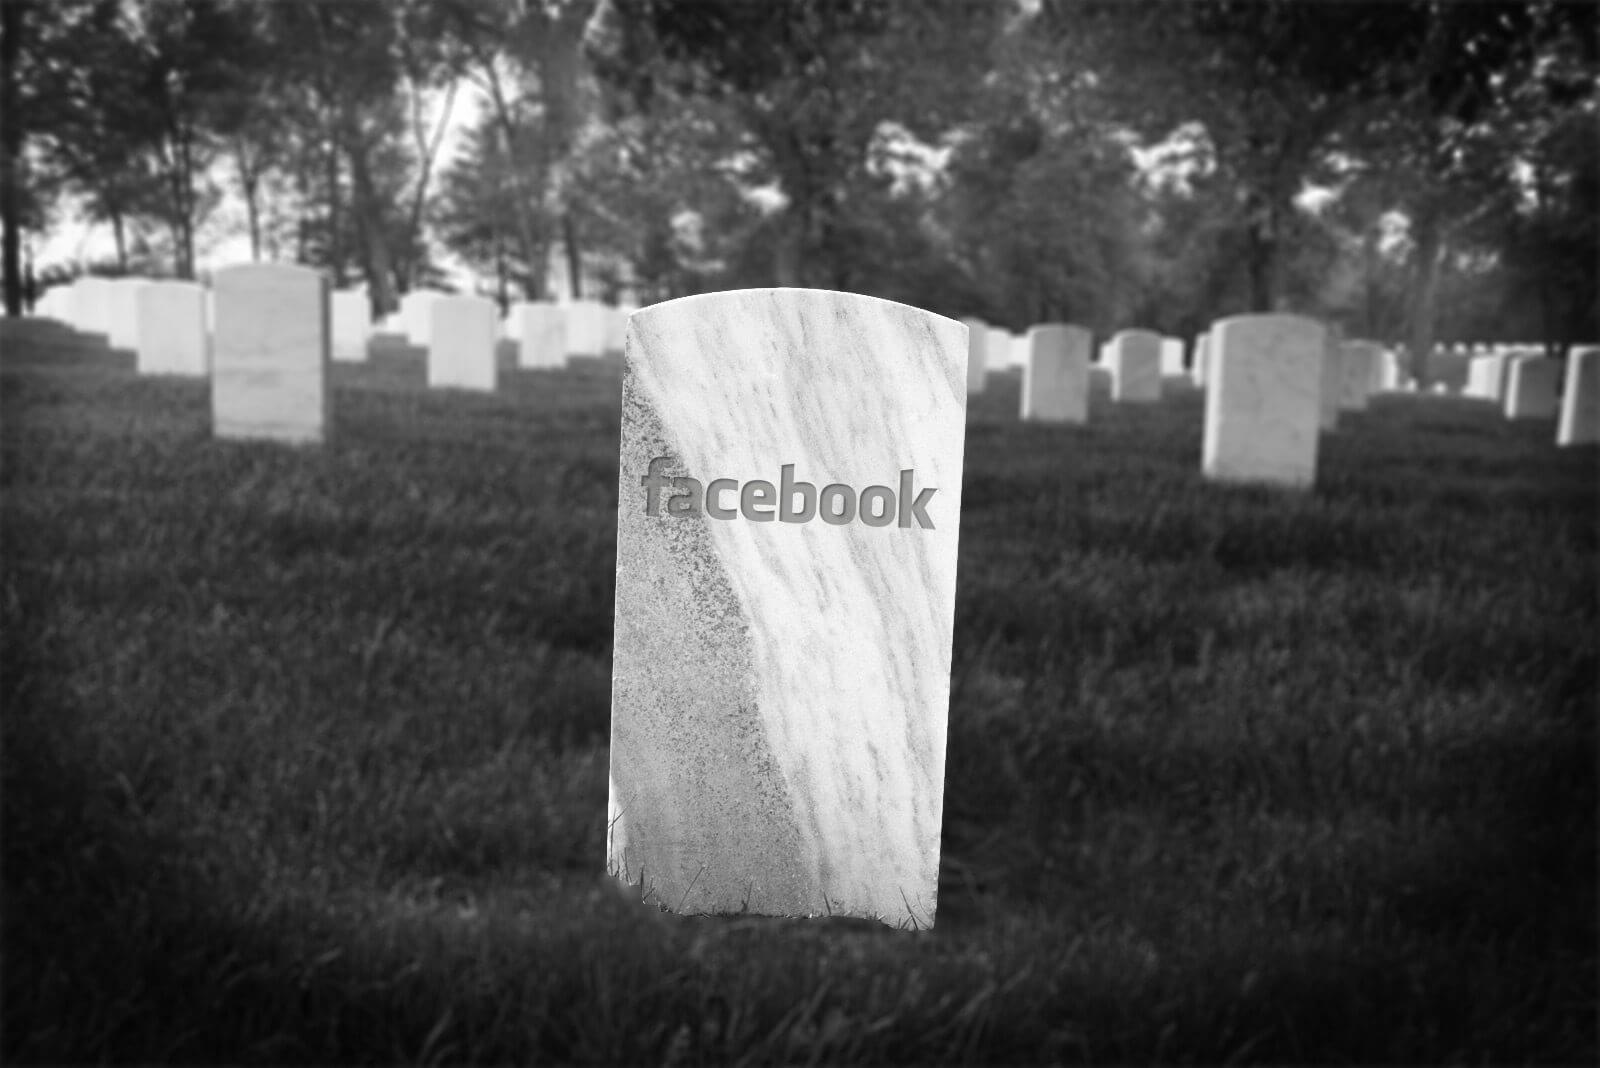 facebook dead - Em 2098, o Facebook pode ter mais mortos do que vivos